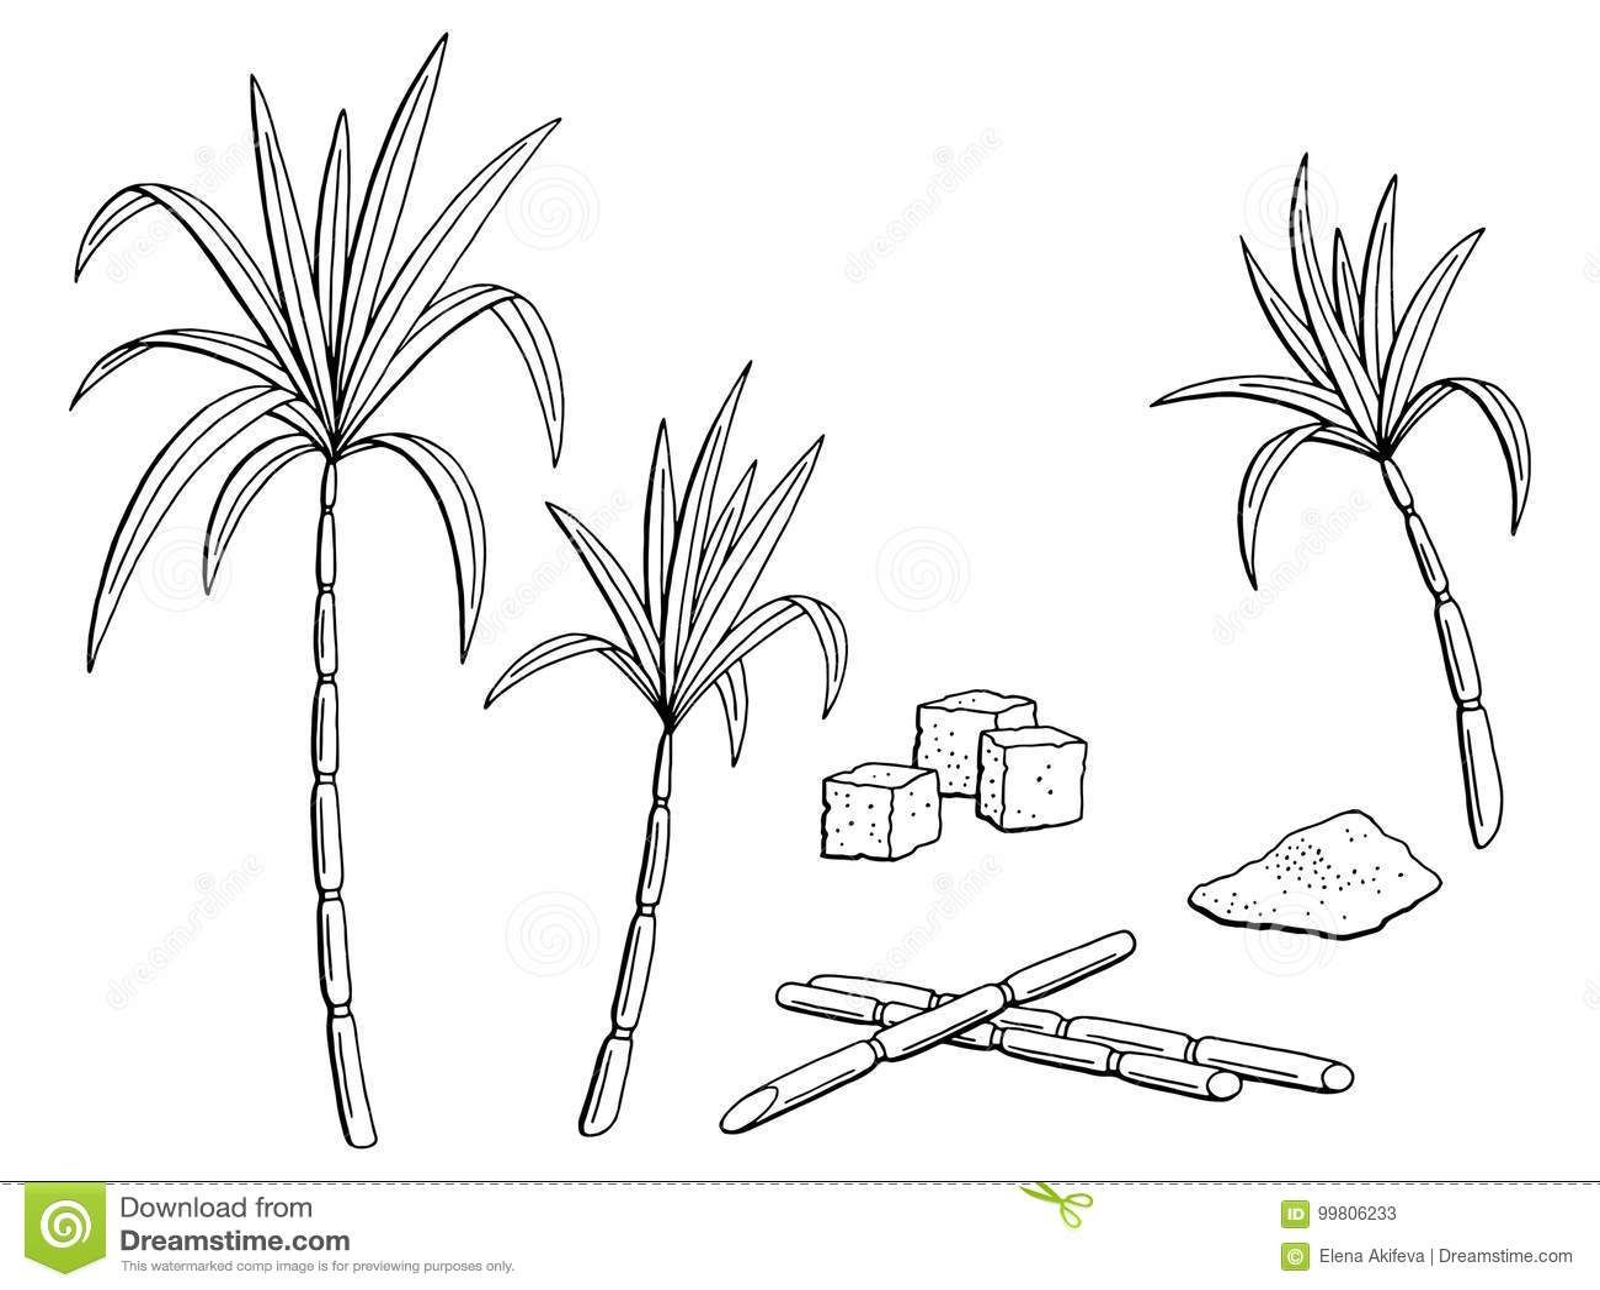 Sugarcane Cane Vector Illustration Symbol Vector